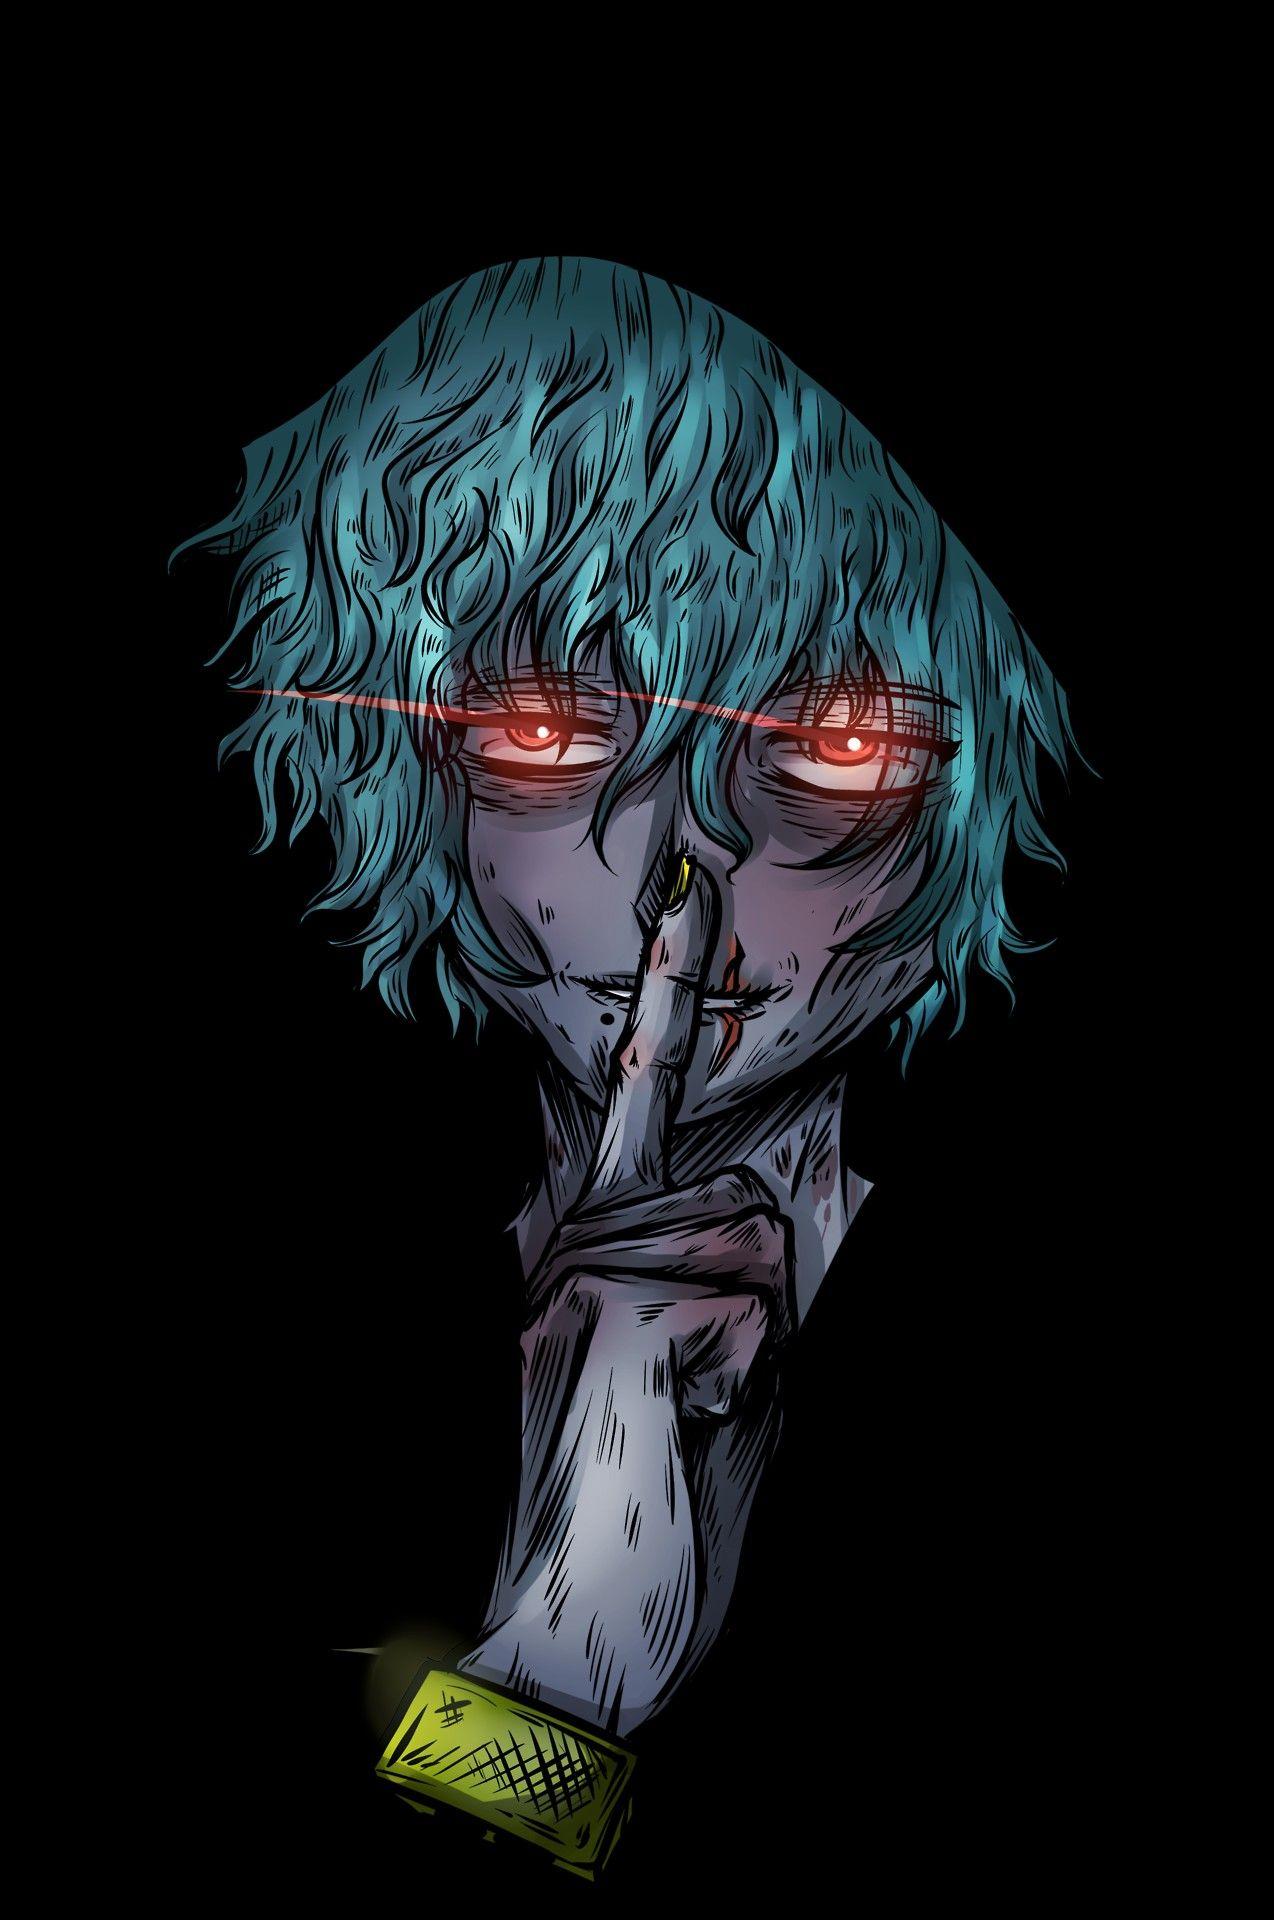 My Hero Academia Desenhos de anime, Mangá wallpaper e Anime